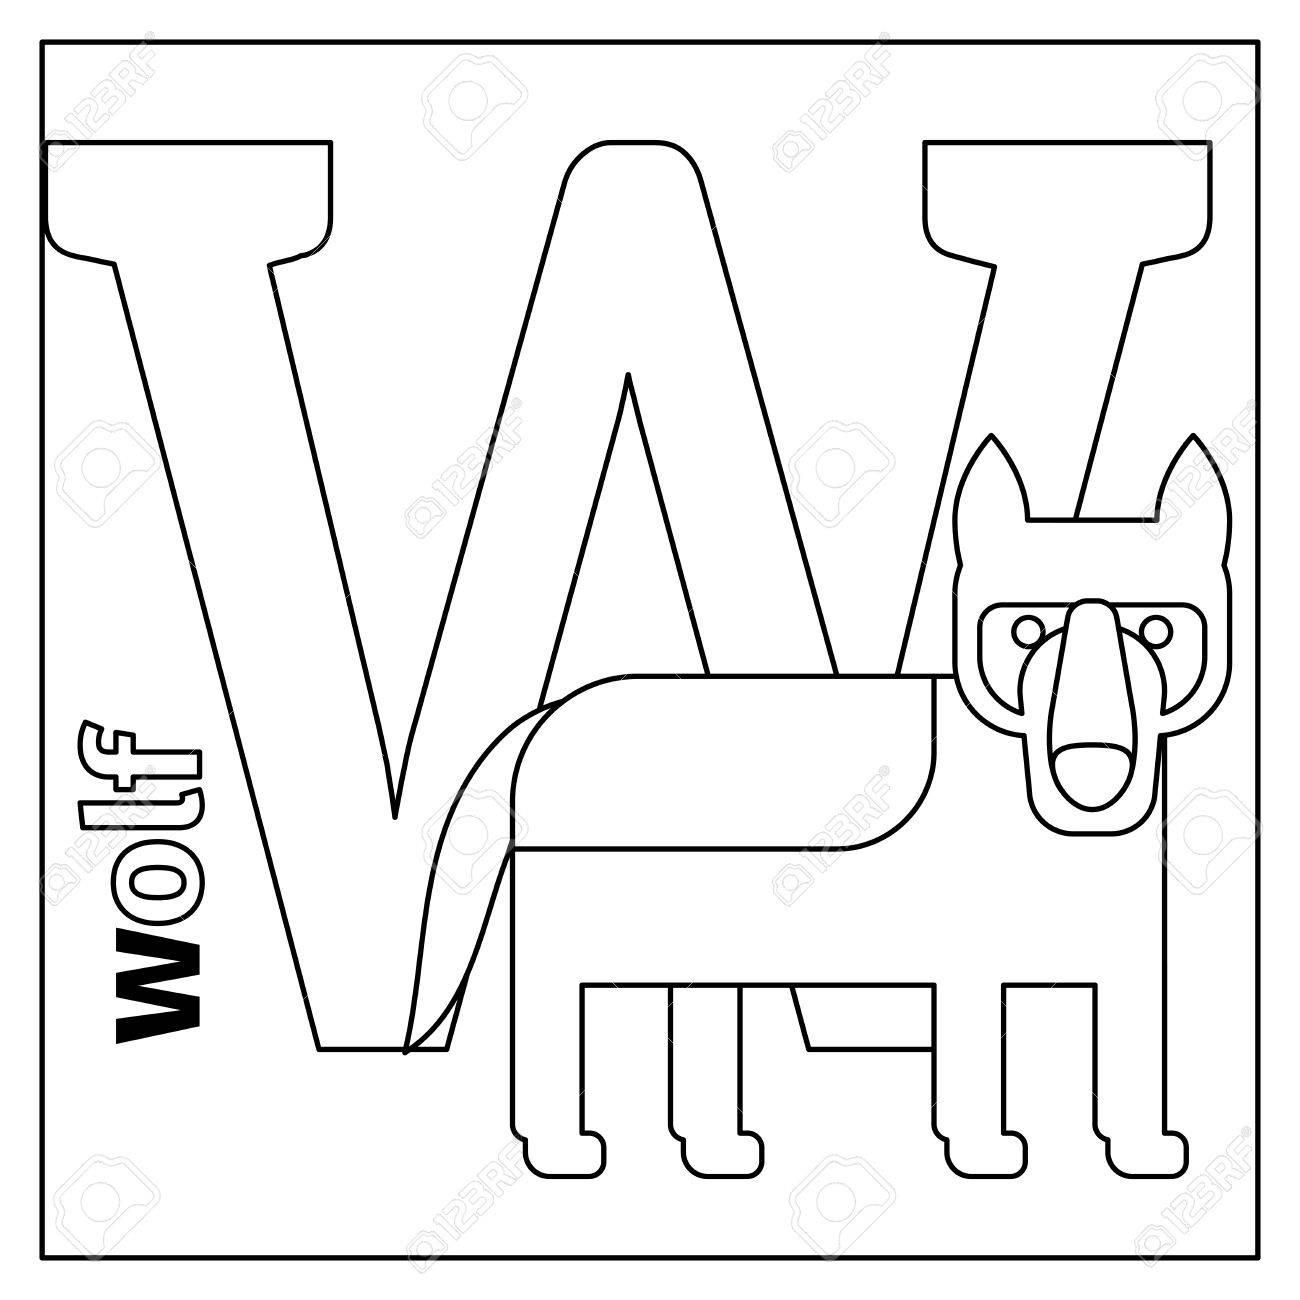 Dibujo Para Colorear O Tarjeta Para Los Niños Con Alfabeto Inglés Animales Del Zoo Wolf Letra W Ilustración Vectorial